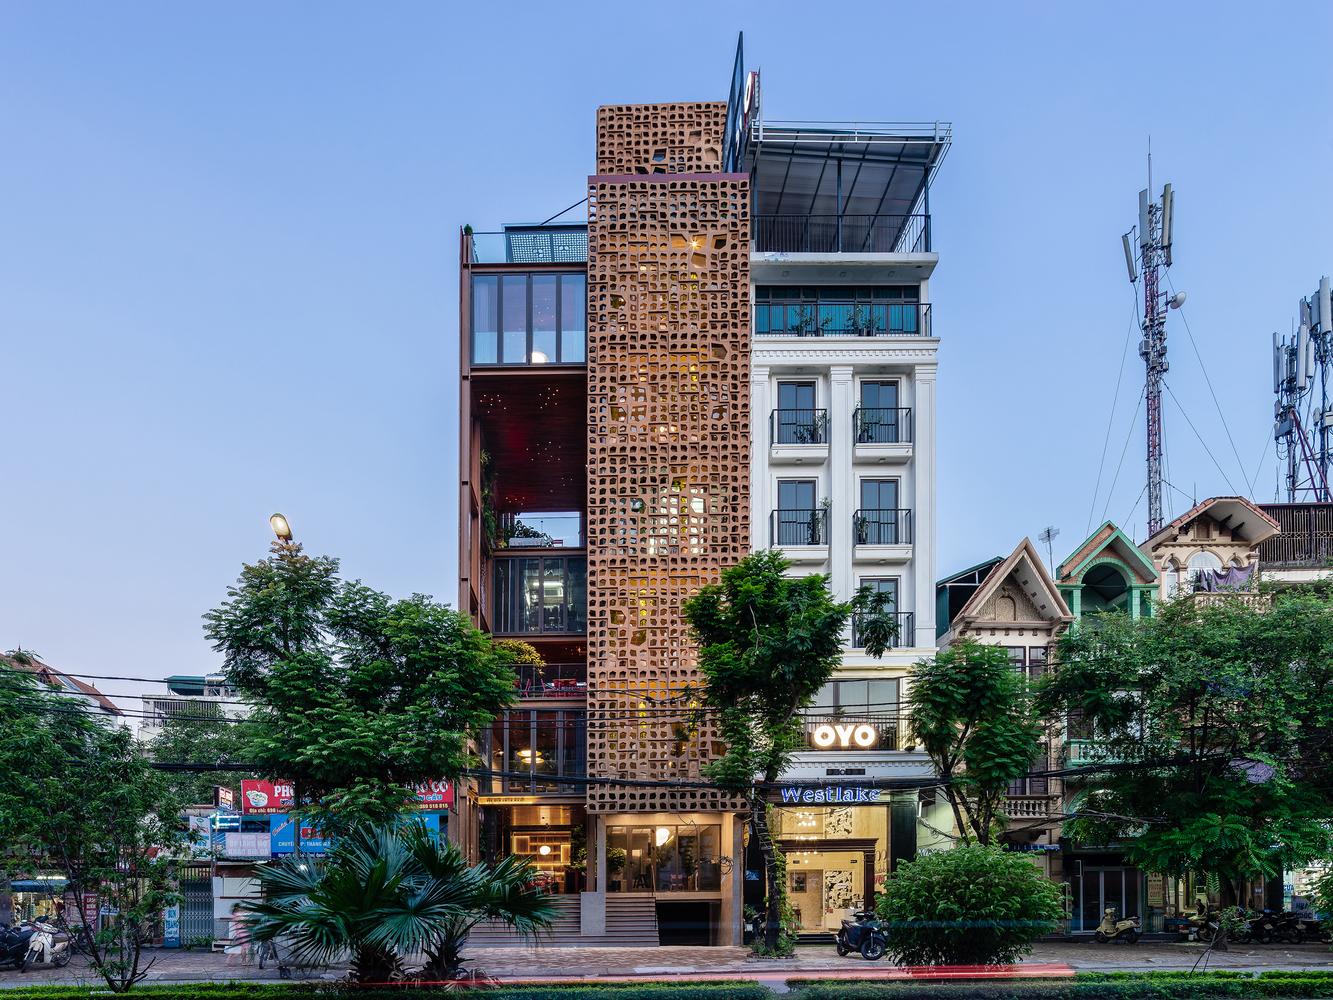 Quán cà phê có thiết kế lạ lẫm ở Hà Nội lên báo Tây